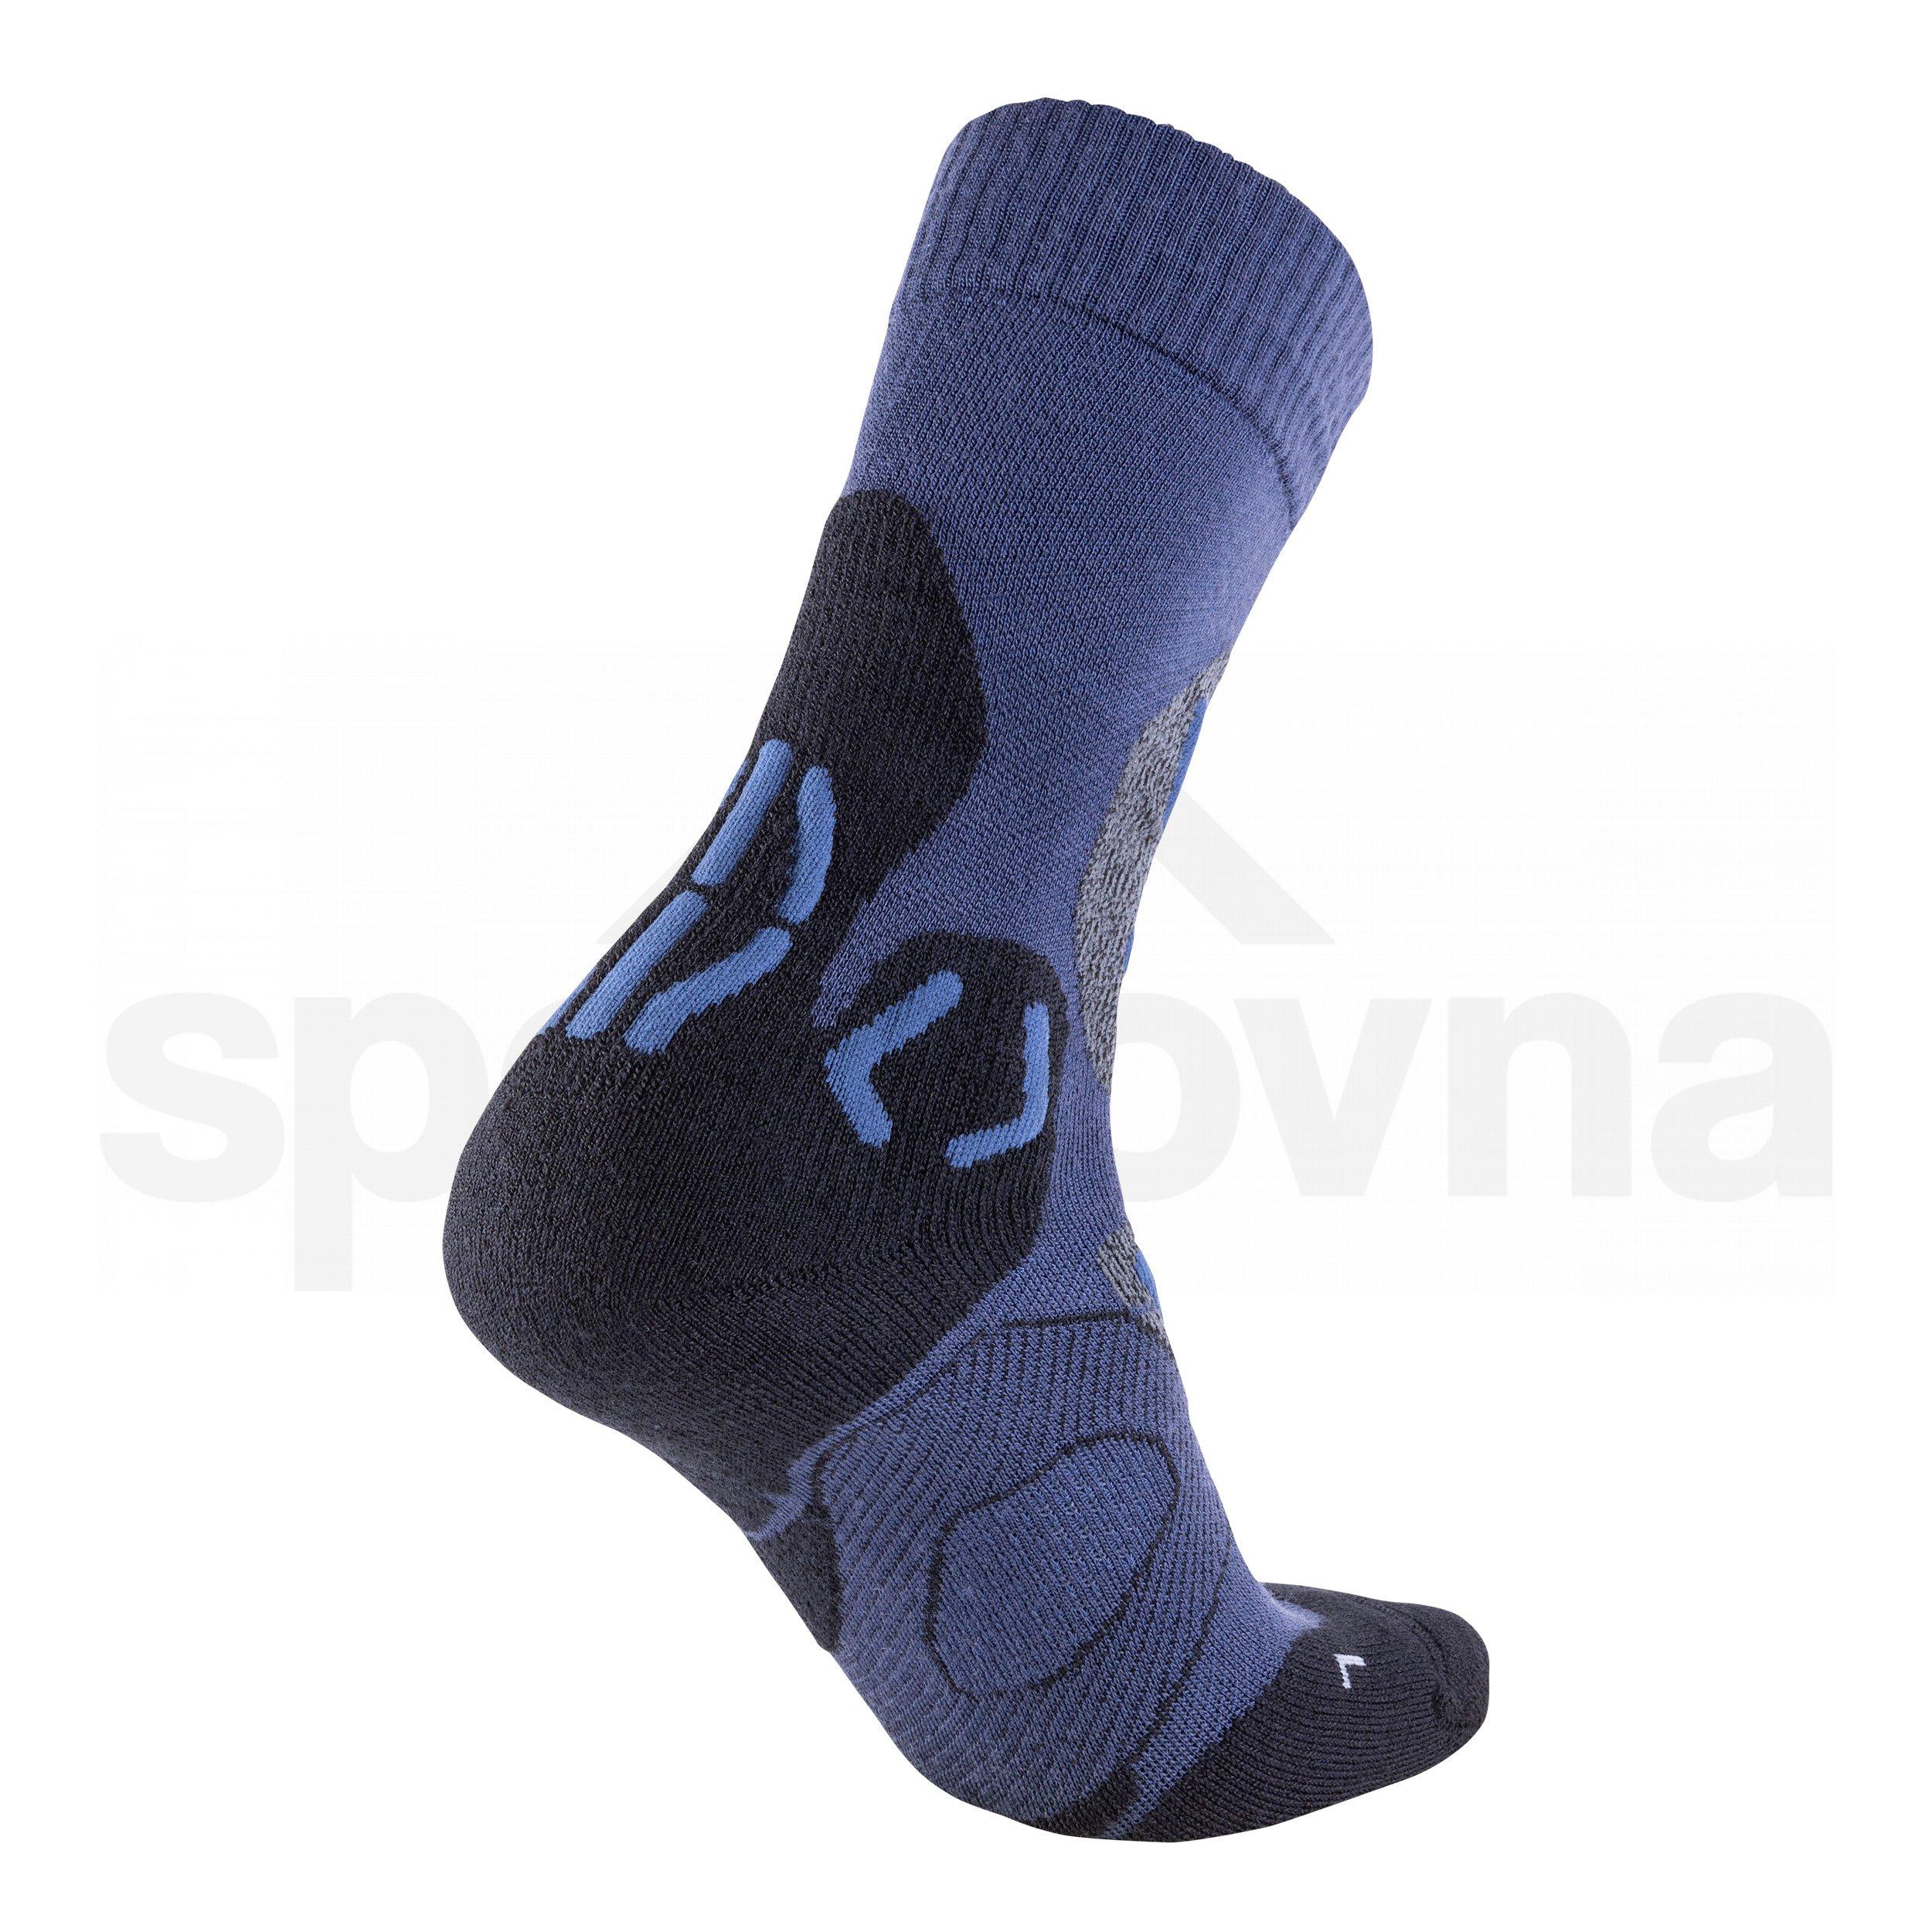 Pánské ponožky UYN TREKKING COOL MERINO - modrá/černá